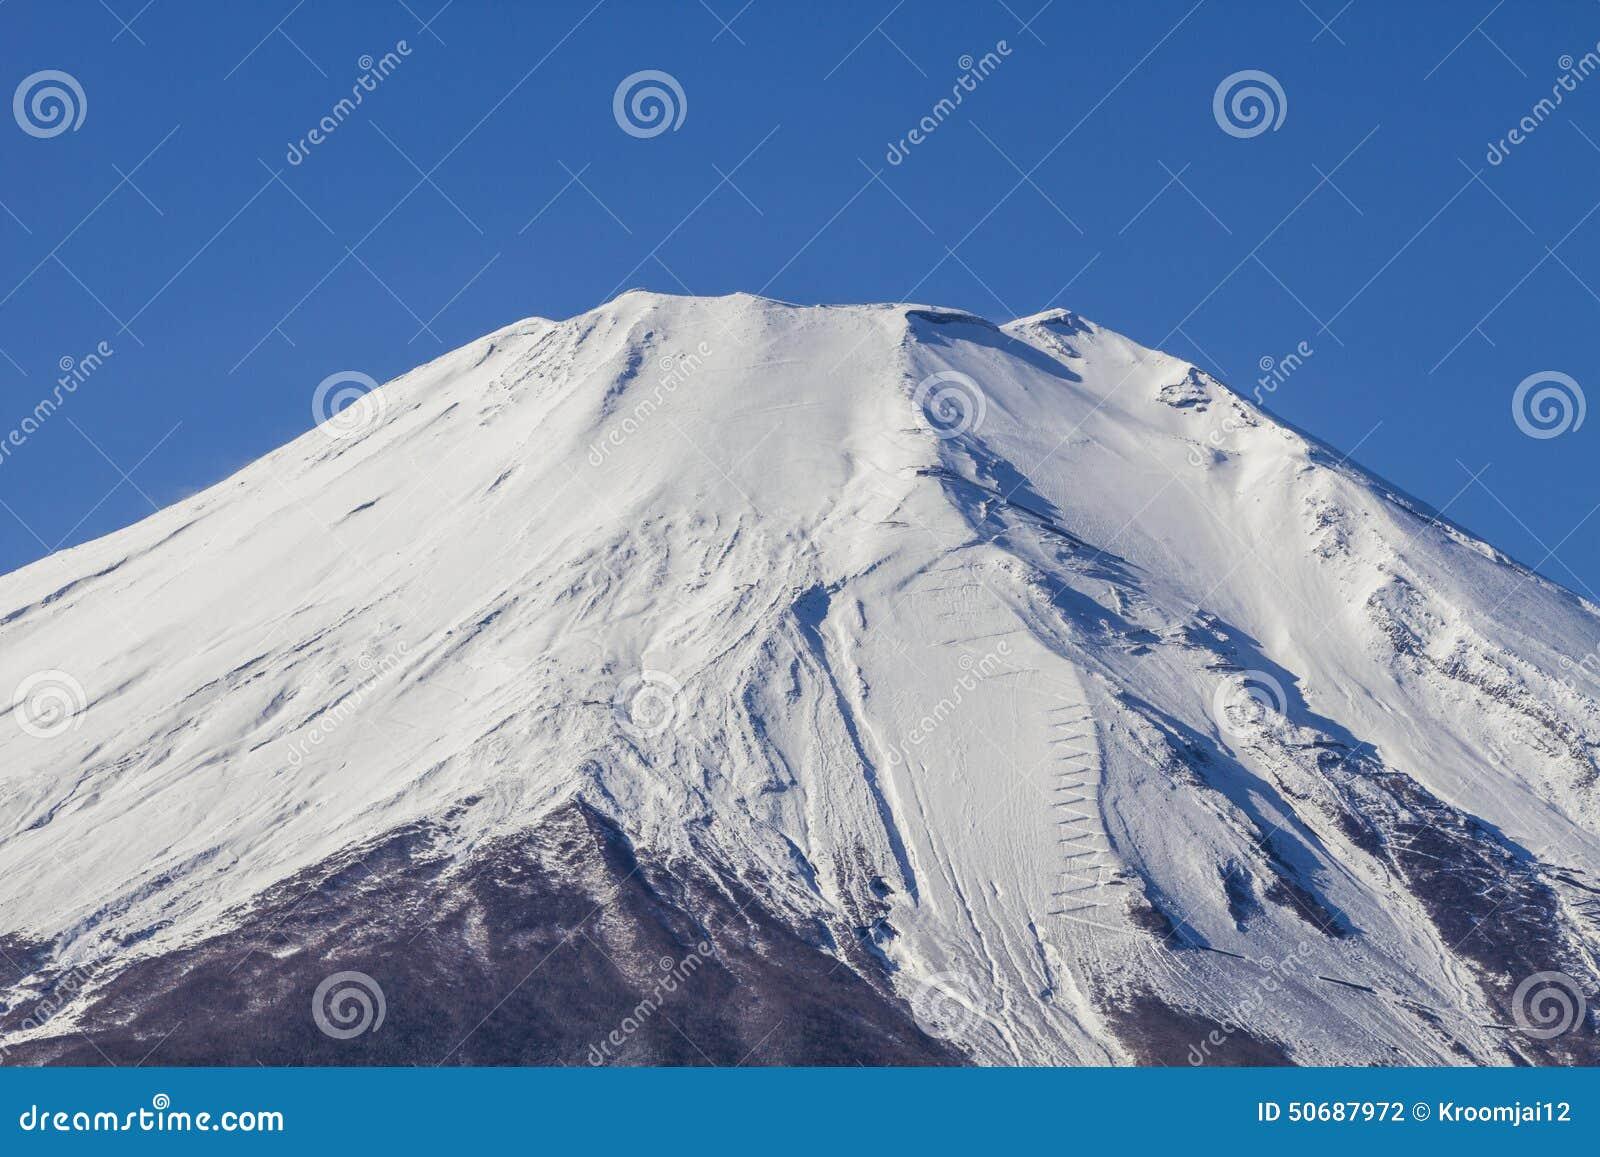 Download 关闭富士山在日本 库存照片. 图片 包括有 地标, 聚会所, 岩石, 天空, 空白, 关闭, 背包, 富士 - 50687972